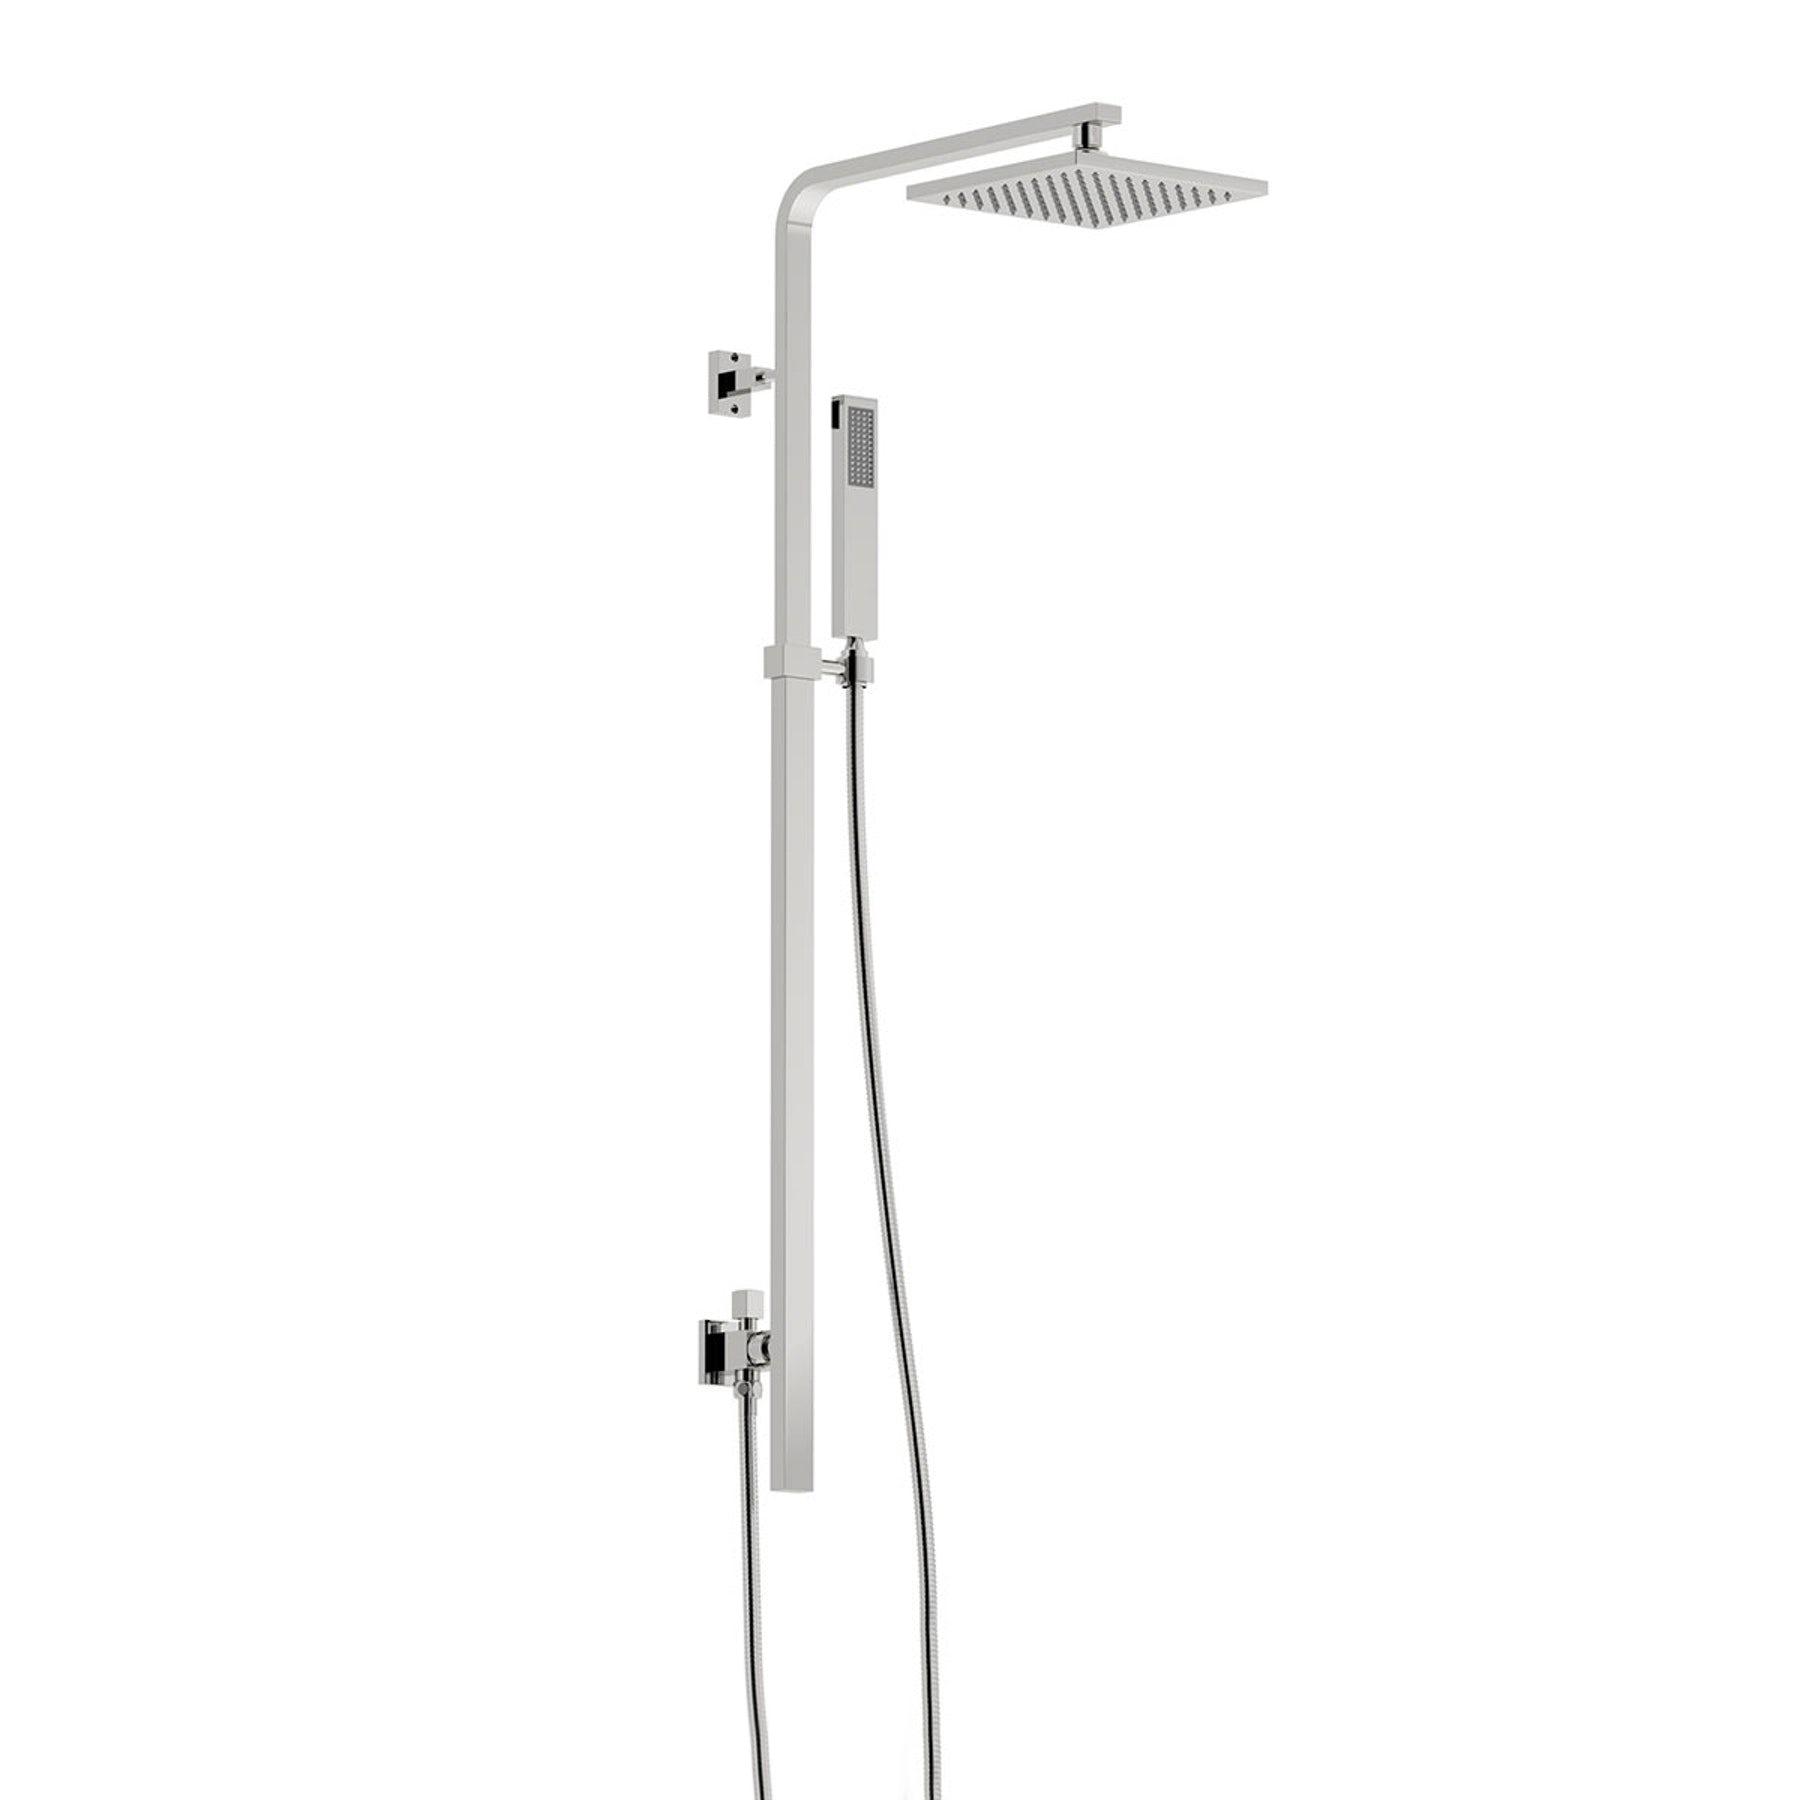 Mode Tetra square shower riser rail kit